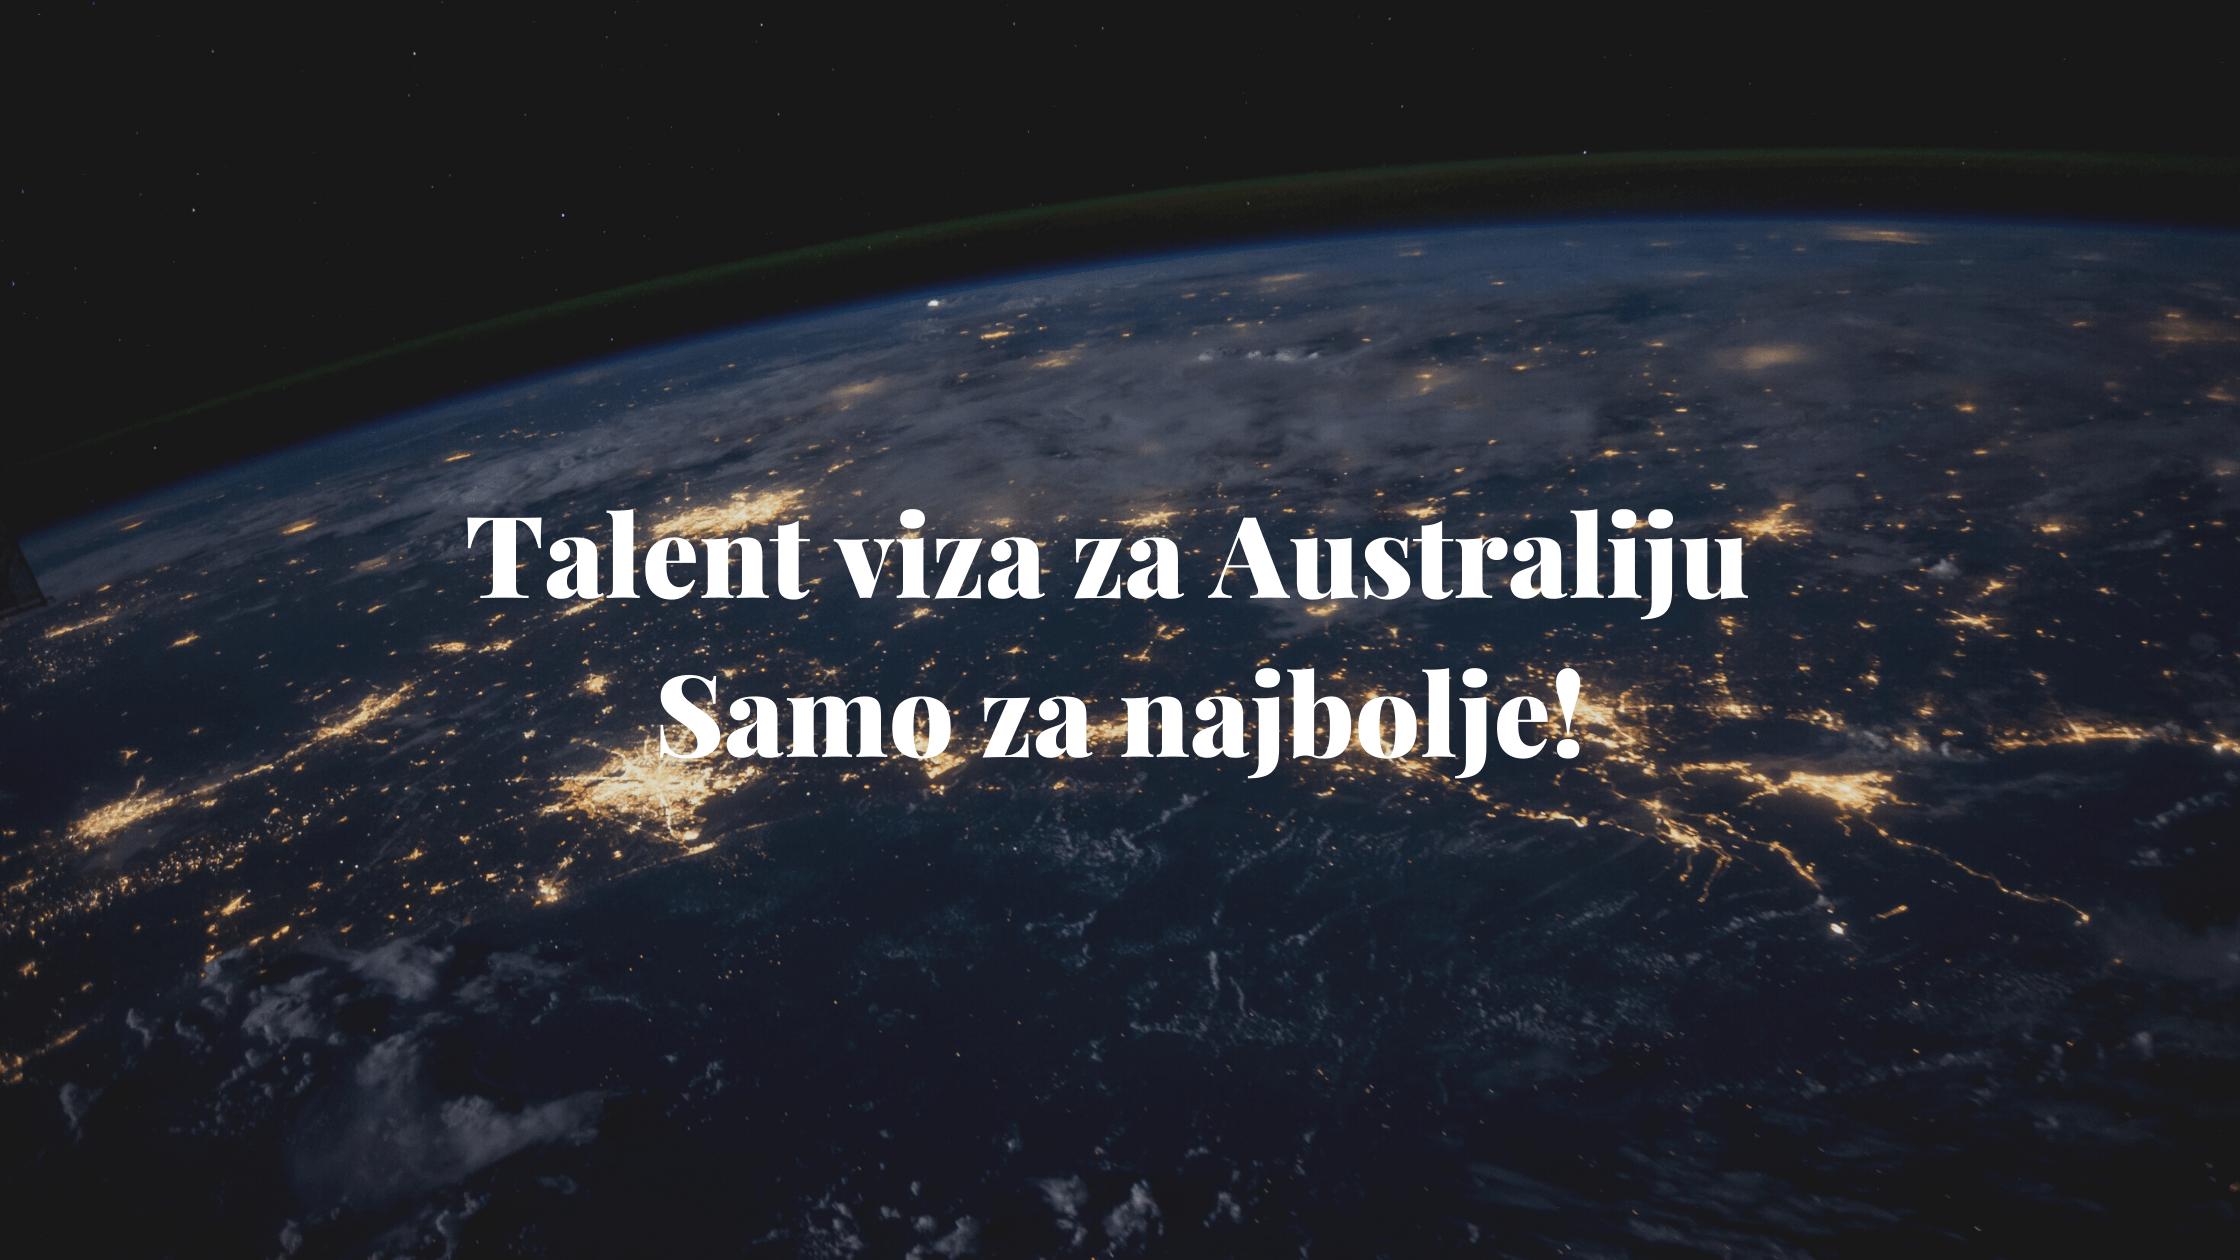 Talent viza za Australiju - Samo za najbolje! 4